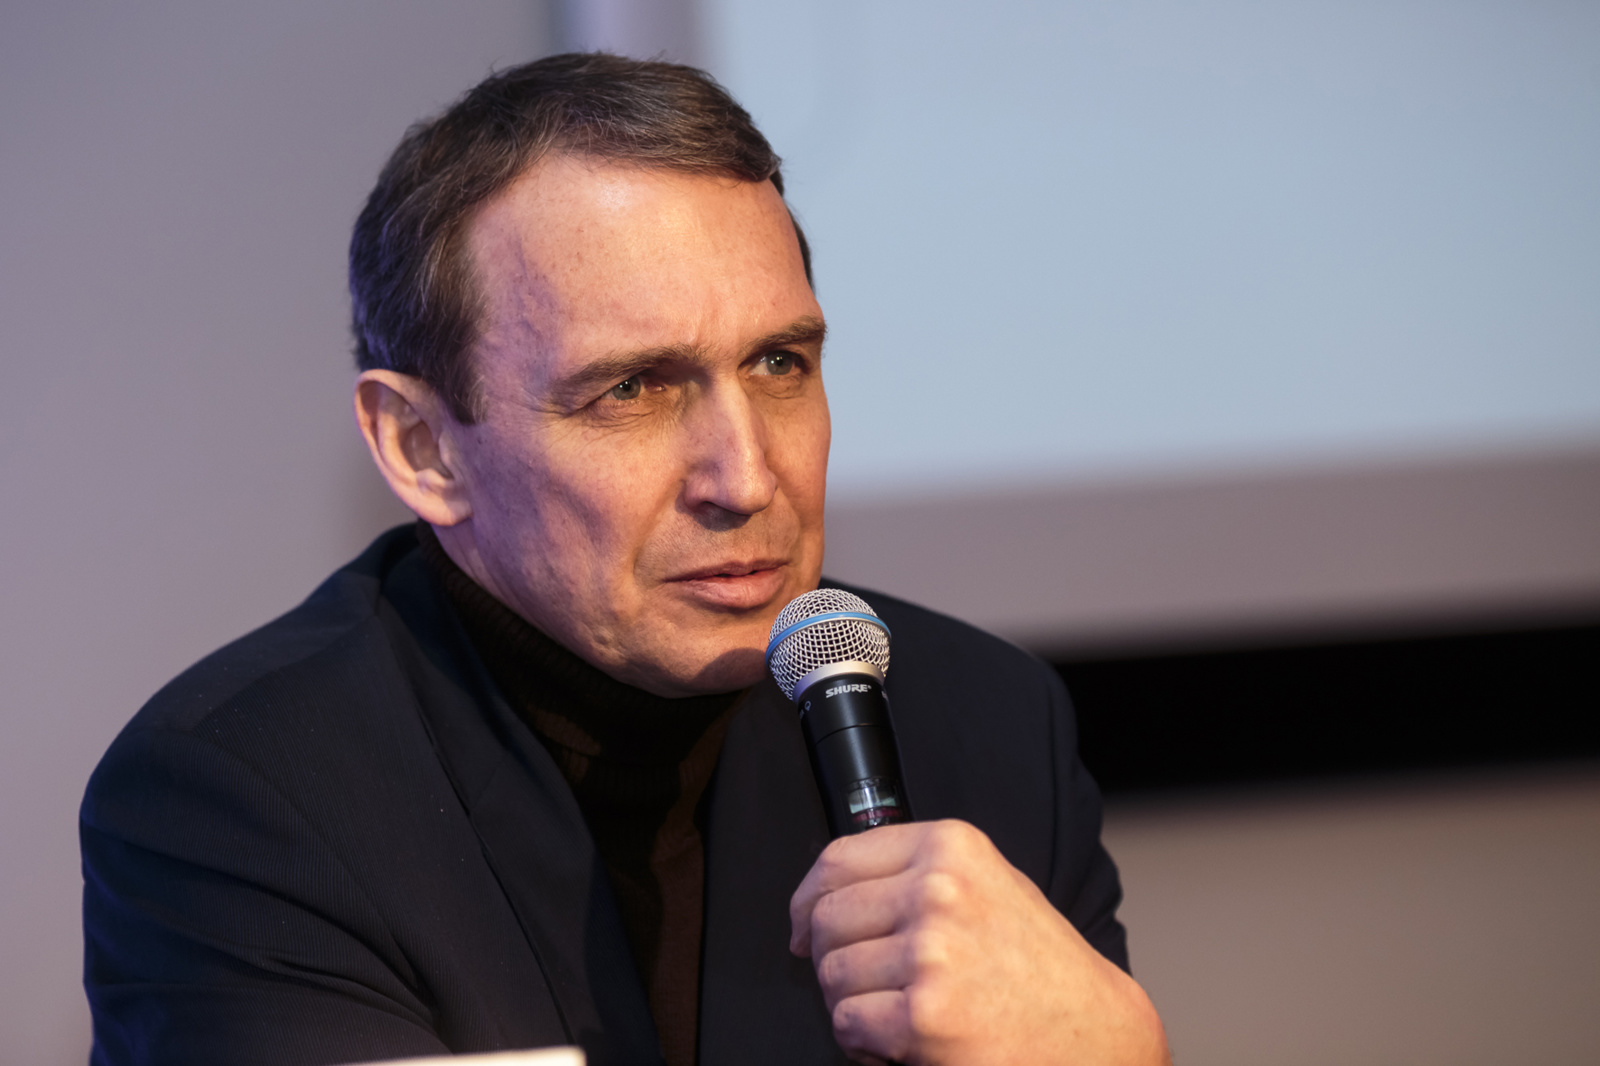 A. Juozaitis jau paskelbė, kad kandidatuos prezidento rinkimuose